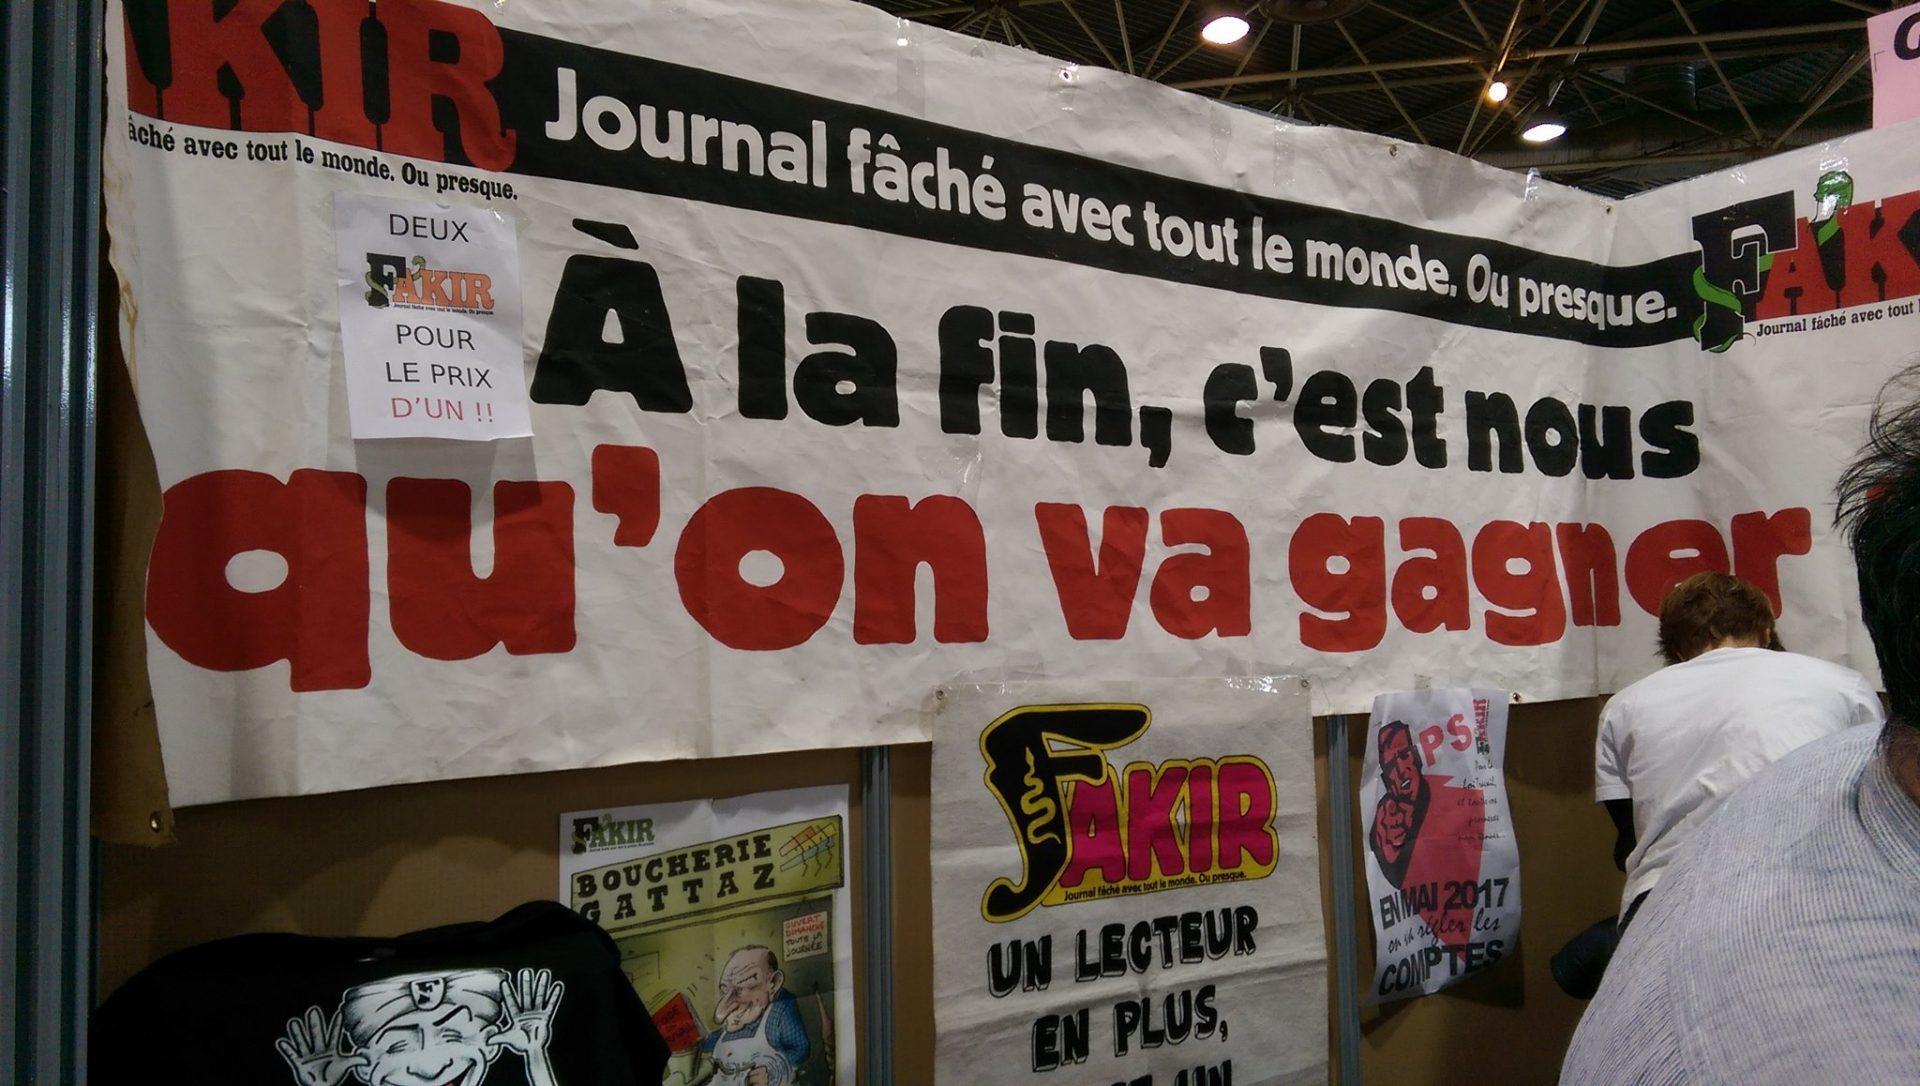 Toute nouvelle réforme détricotera la précédente - Crédit photo izart.fr